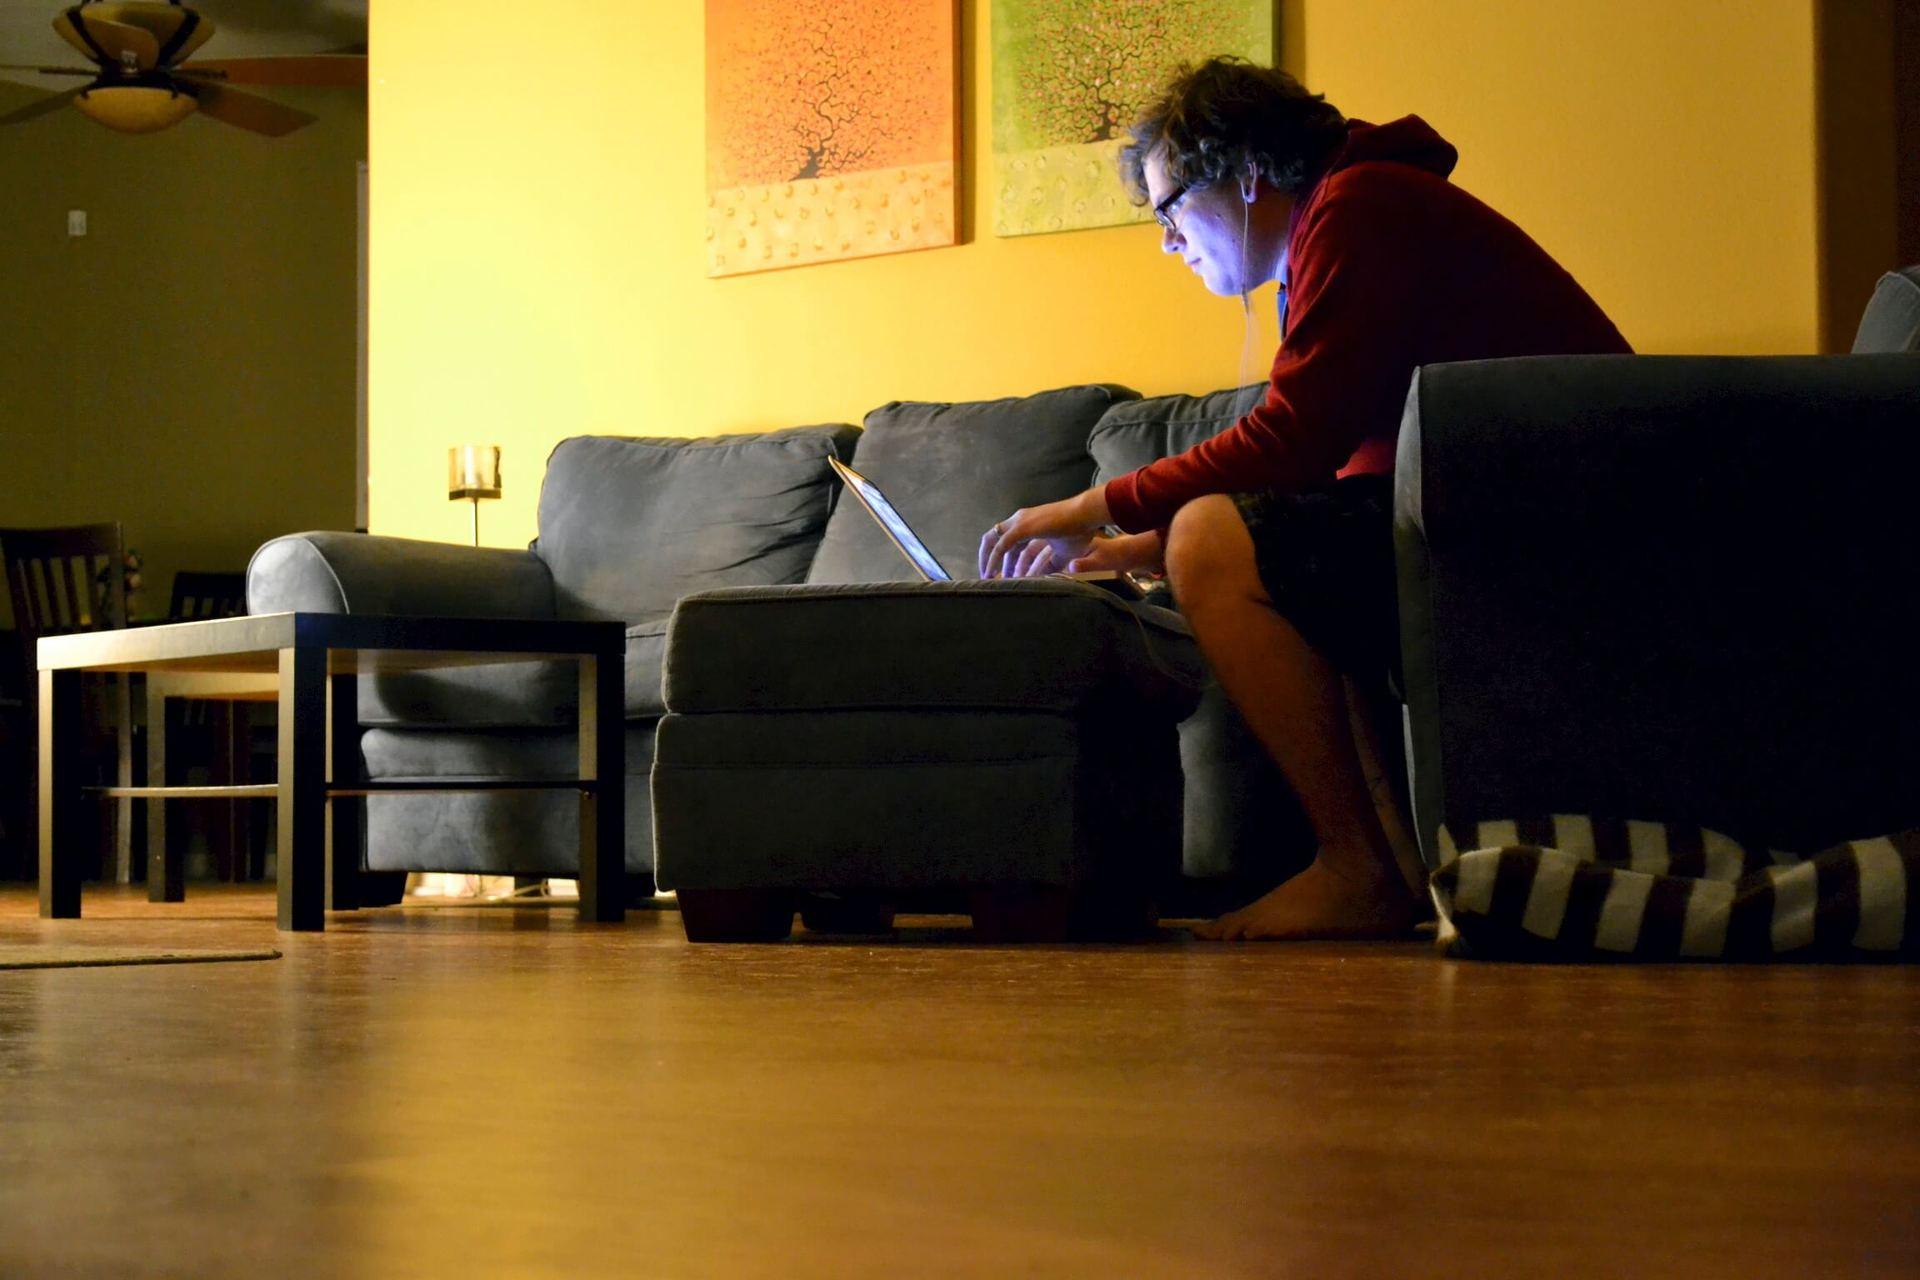 «Пока не село Солнце»: Стоит ли заставлять программистов работать 80 часов в неделю - 1